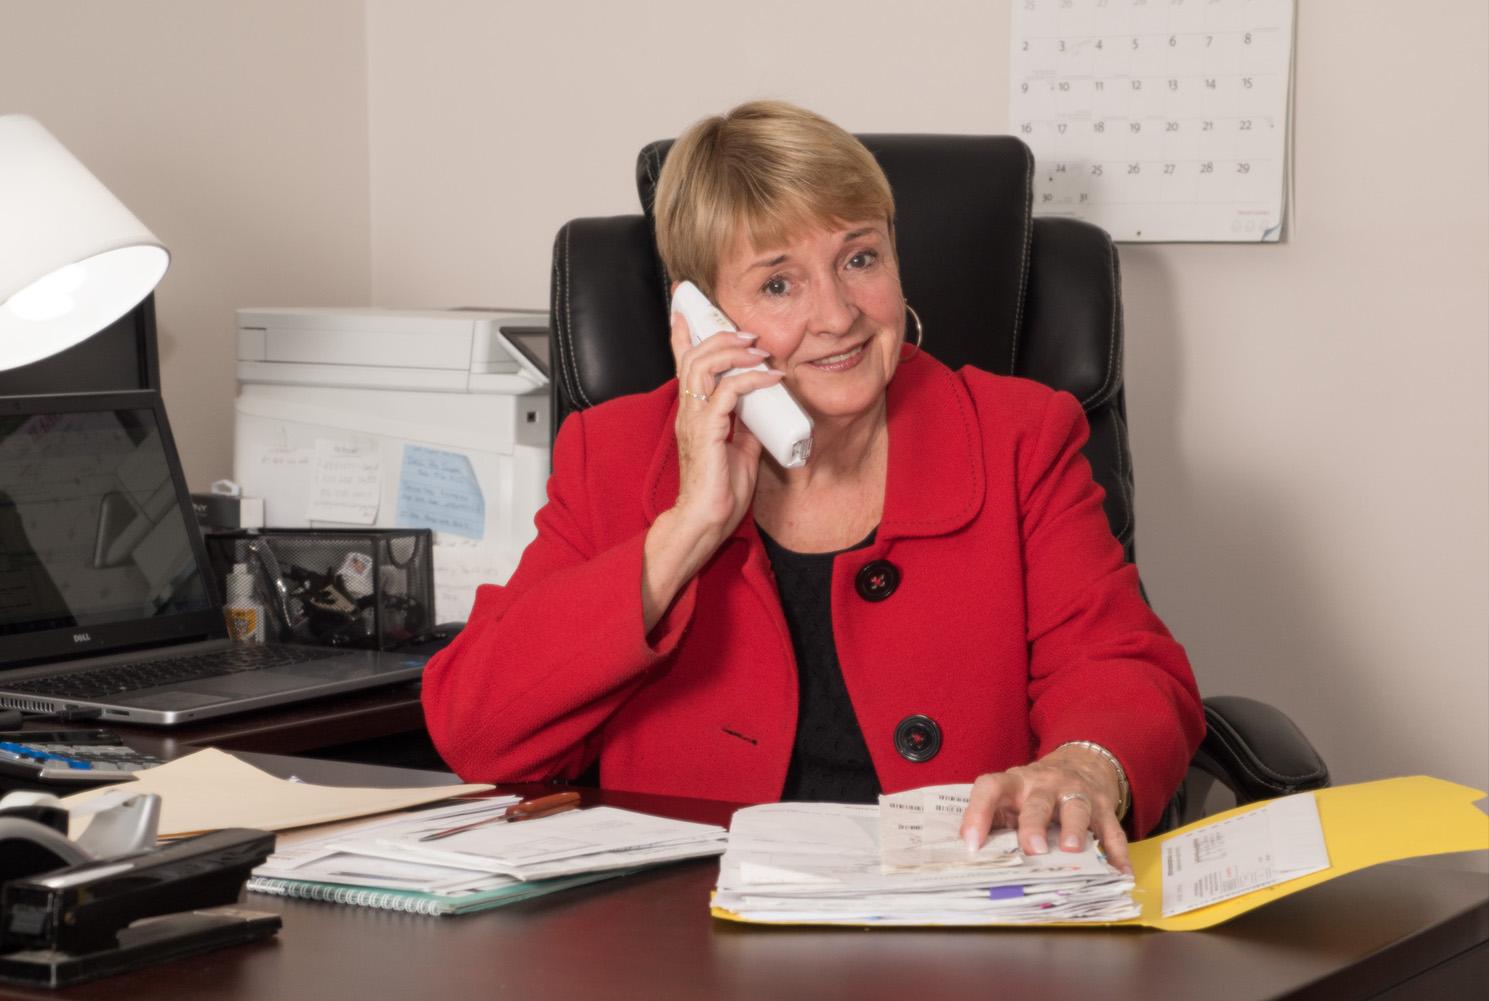 Ann Maguire, CEO